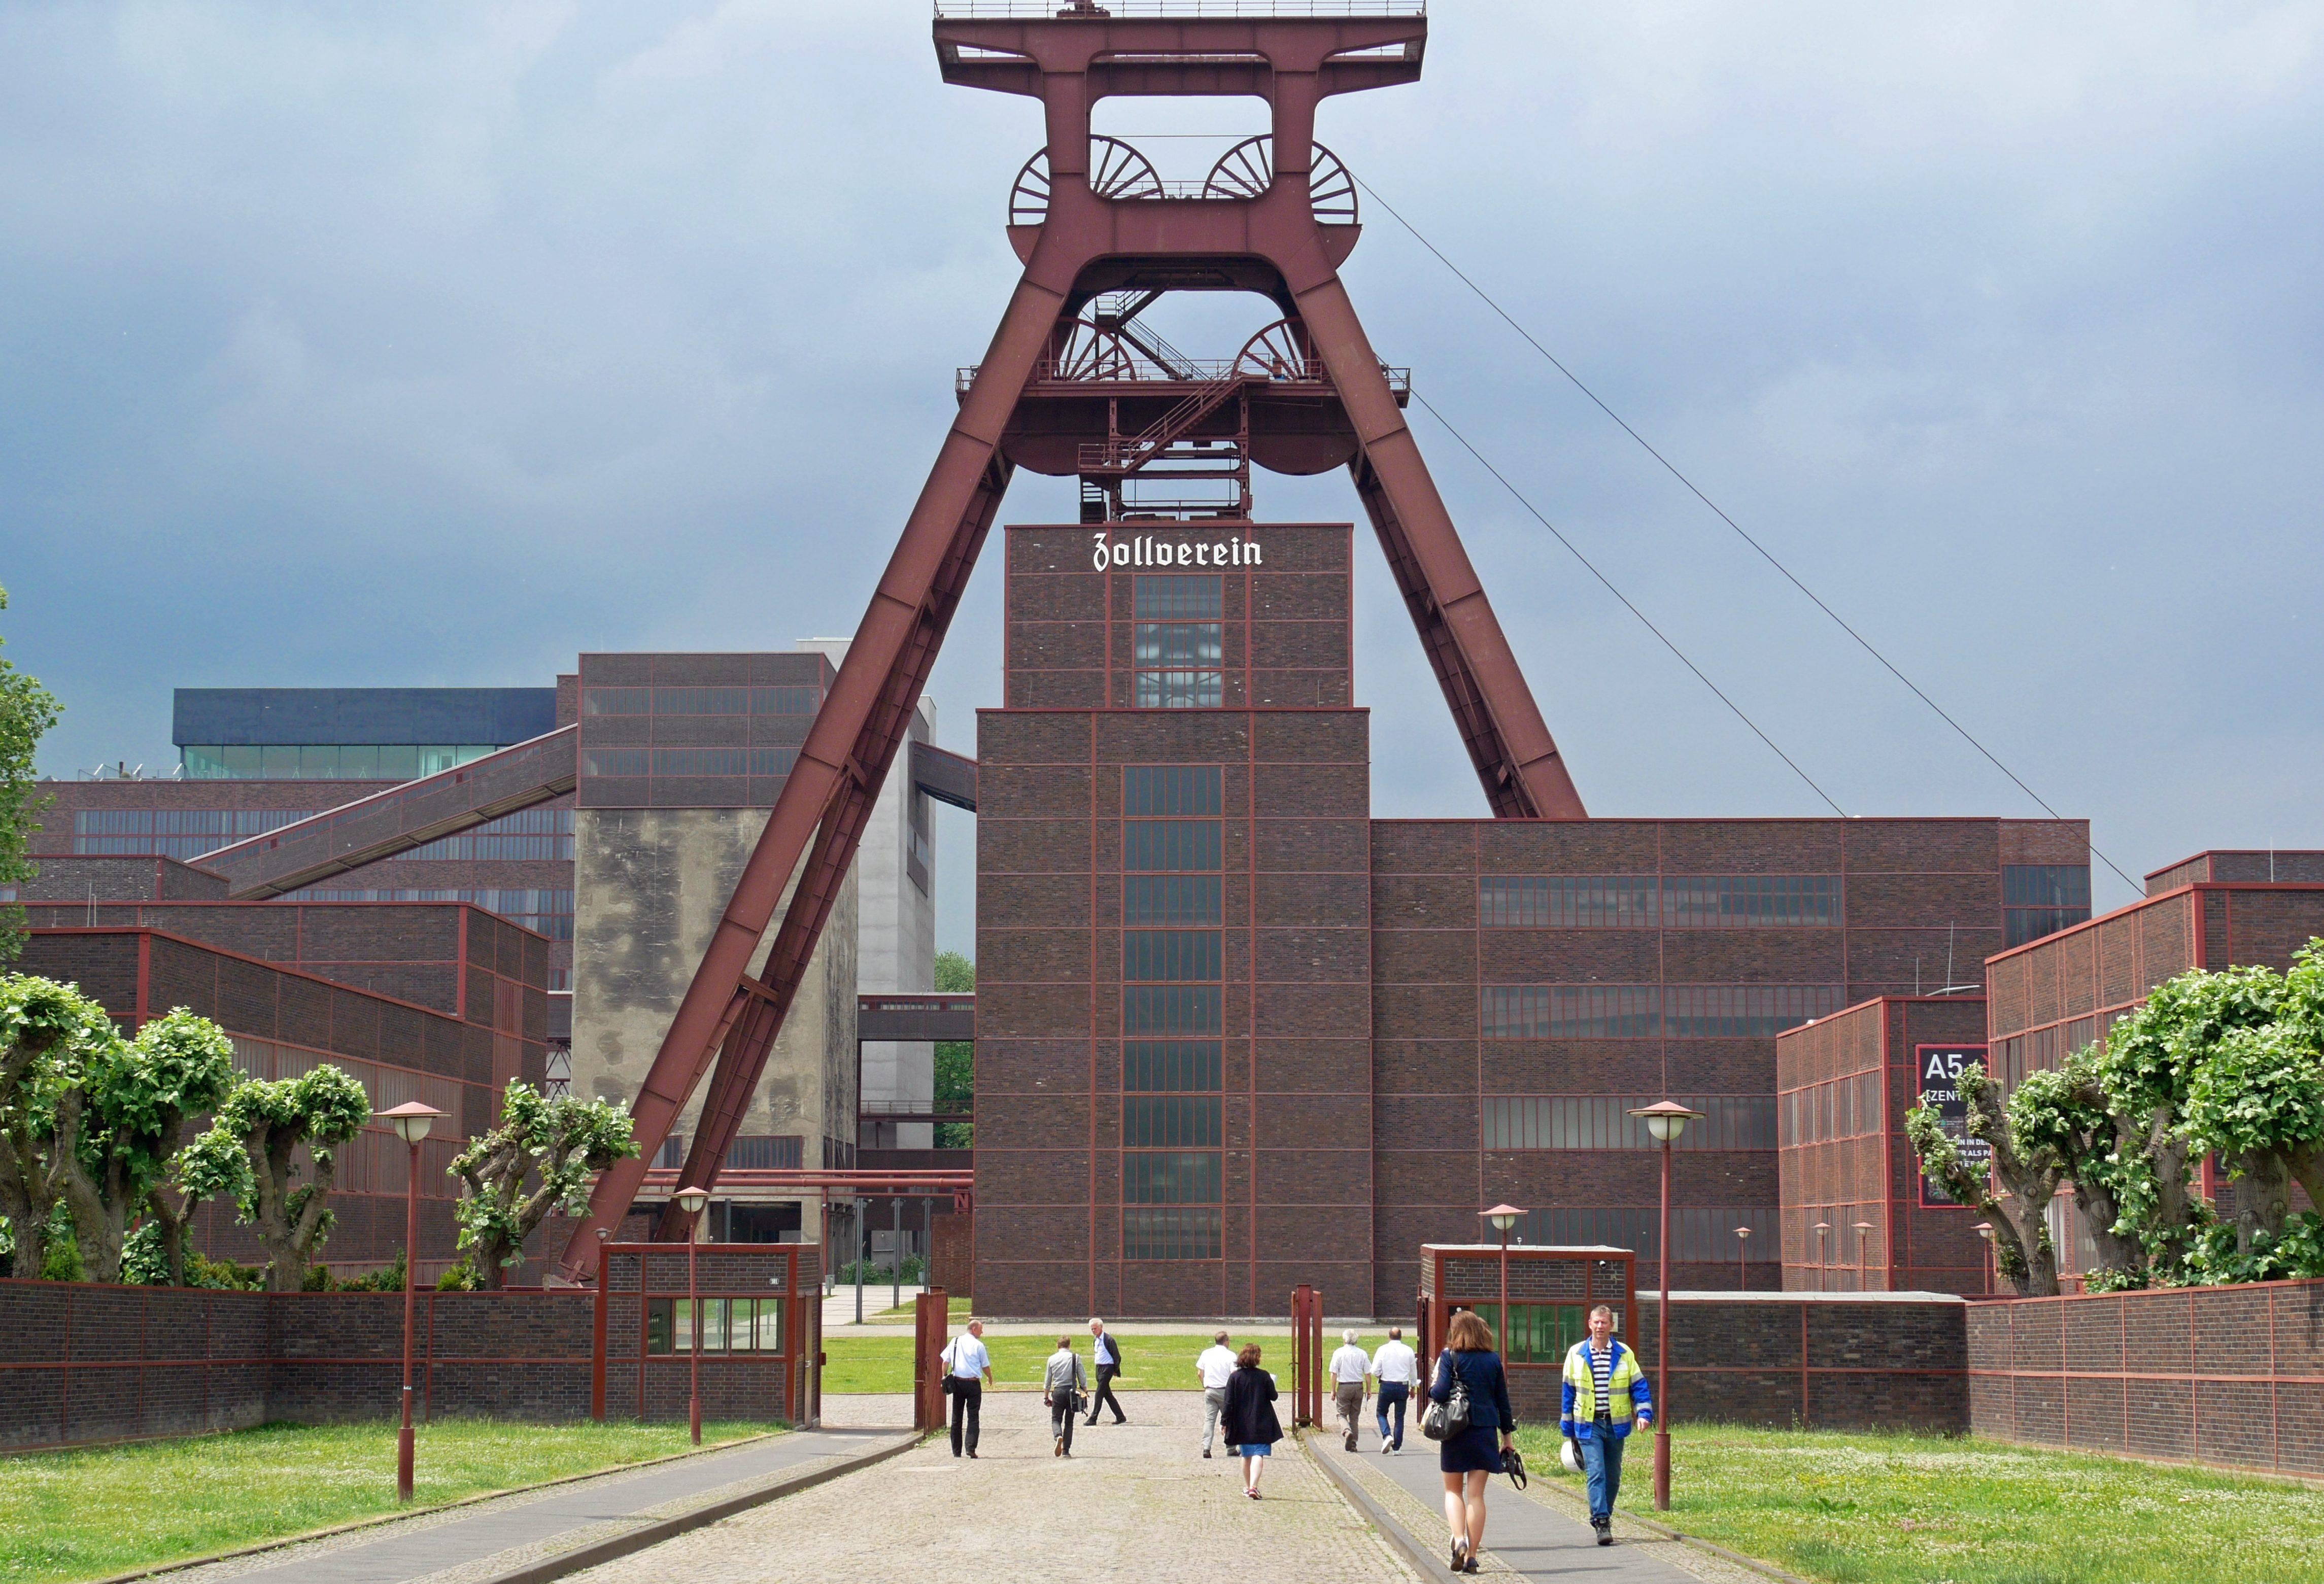 Die ehemalige Zeche Zollverein in Essen ist Bestandteil der IBA Emscher Park und heute Museum sowie Standort zahlreicher Kreativagenturen und Dienstleister. Foto: Uwe Roth